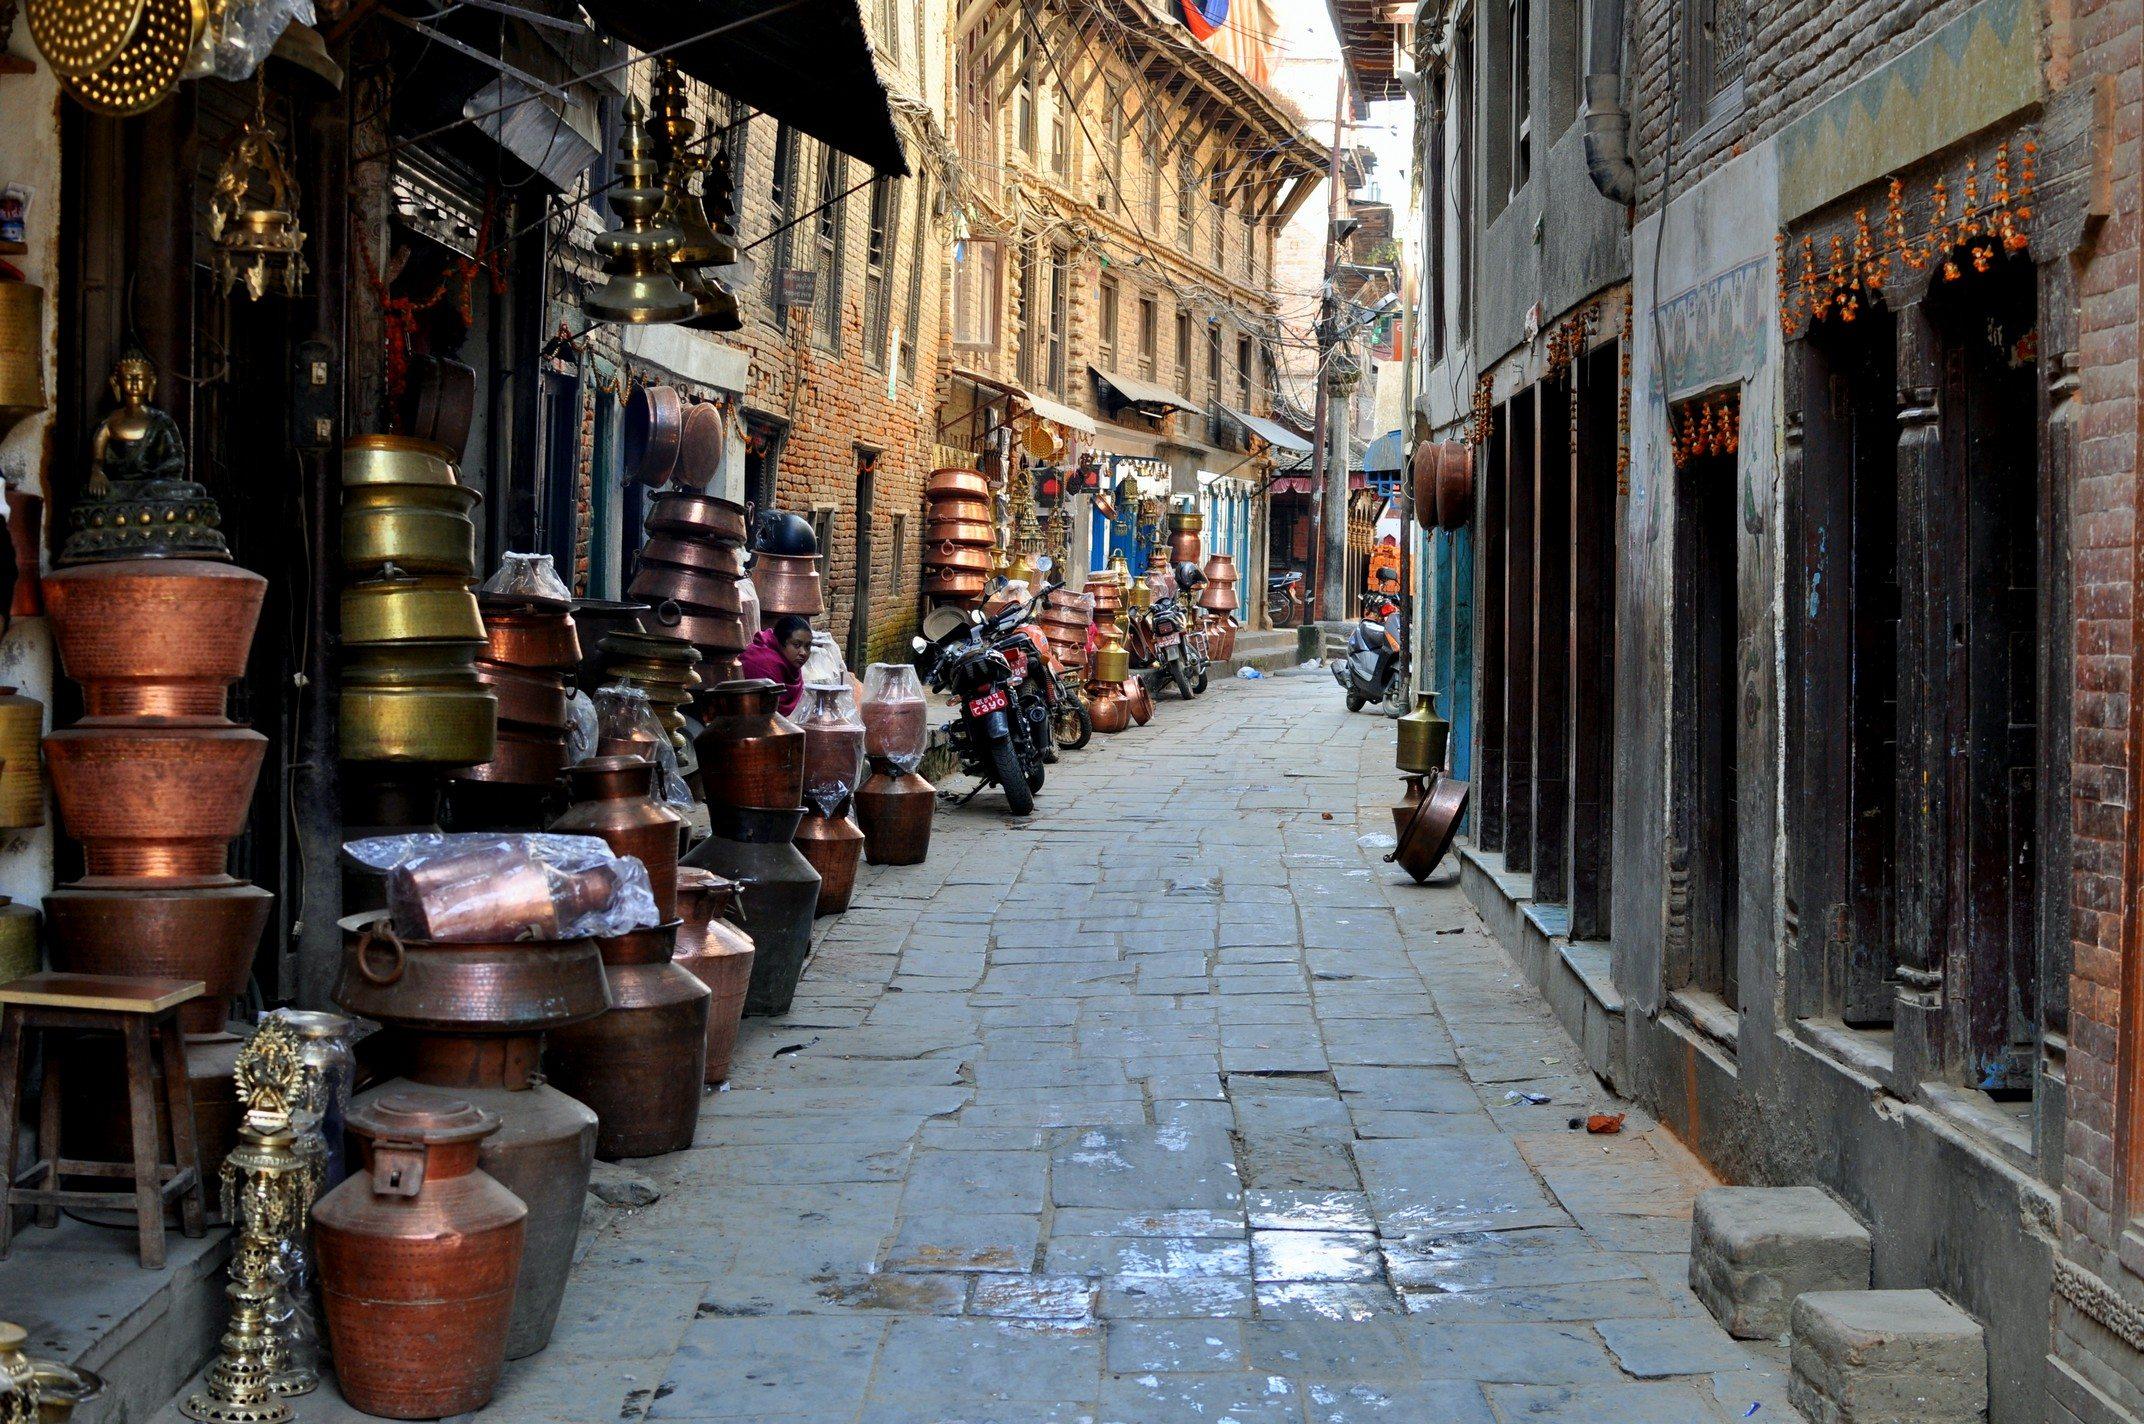 Vallée de Katmandou - Patan, rue des cuivres et bronzes